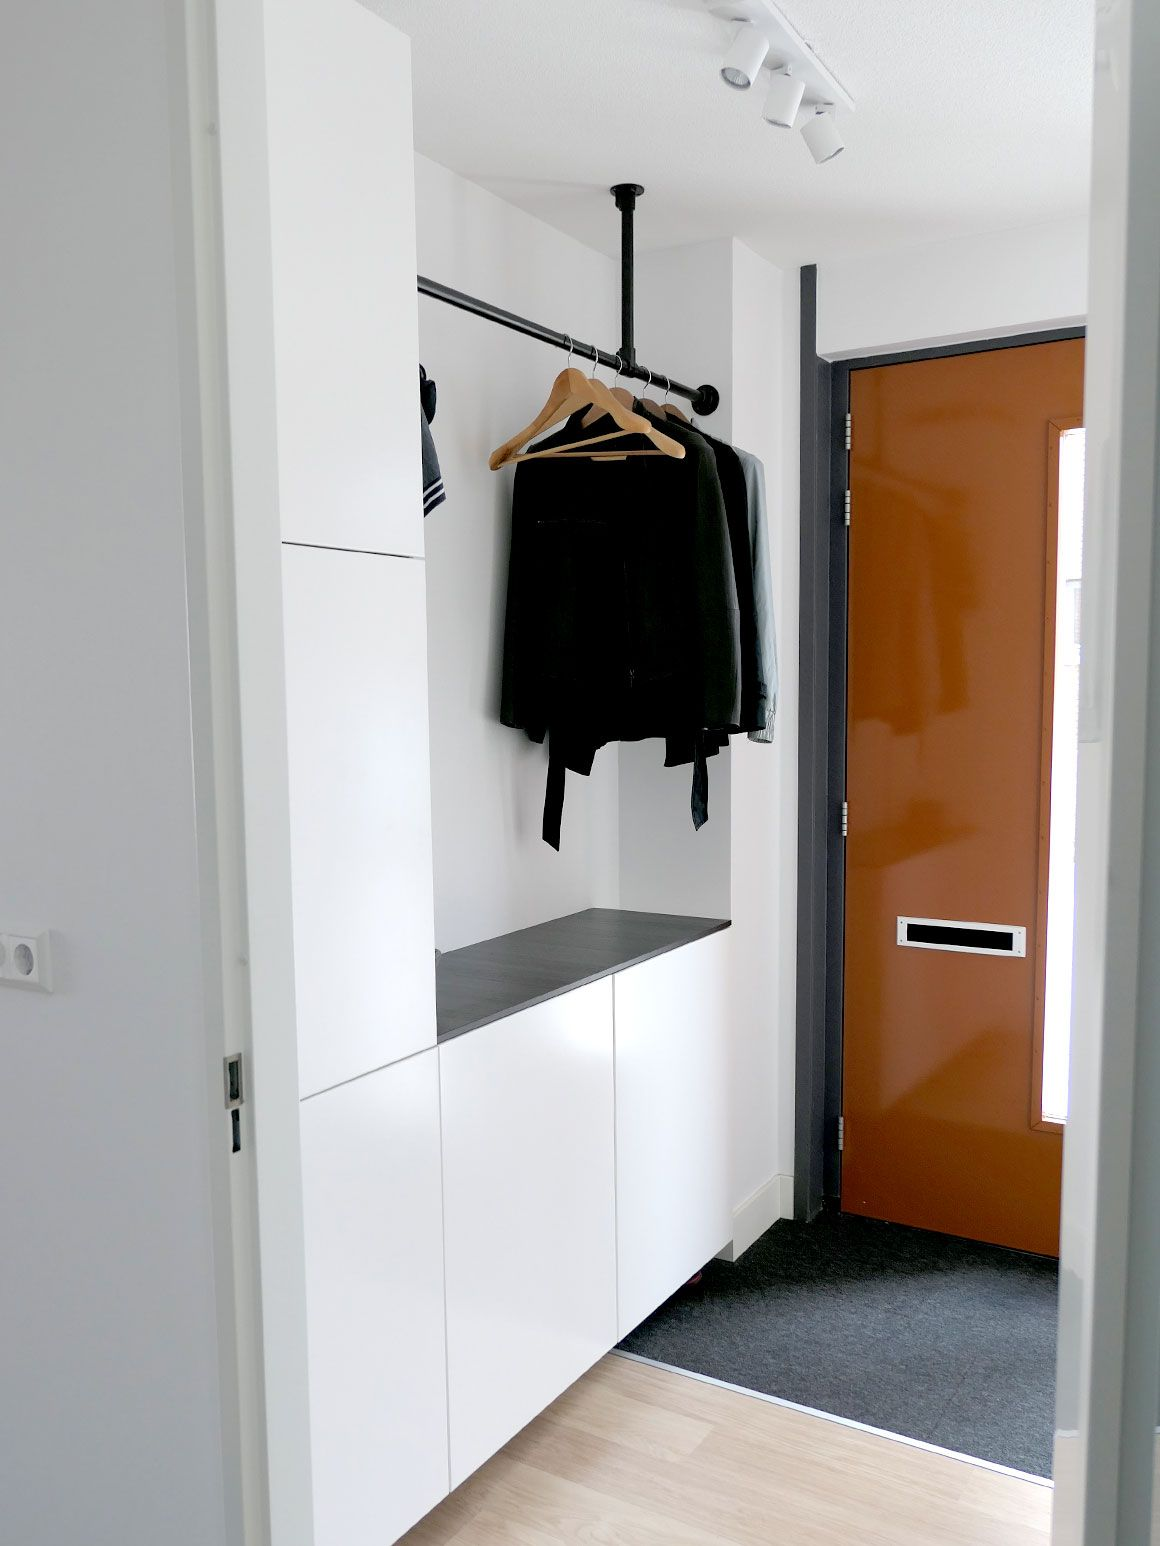 Garderobe En Schoenenkast.Ons Nieuwe Huis 13 Garderobe Schoenenkast Hallway